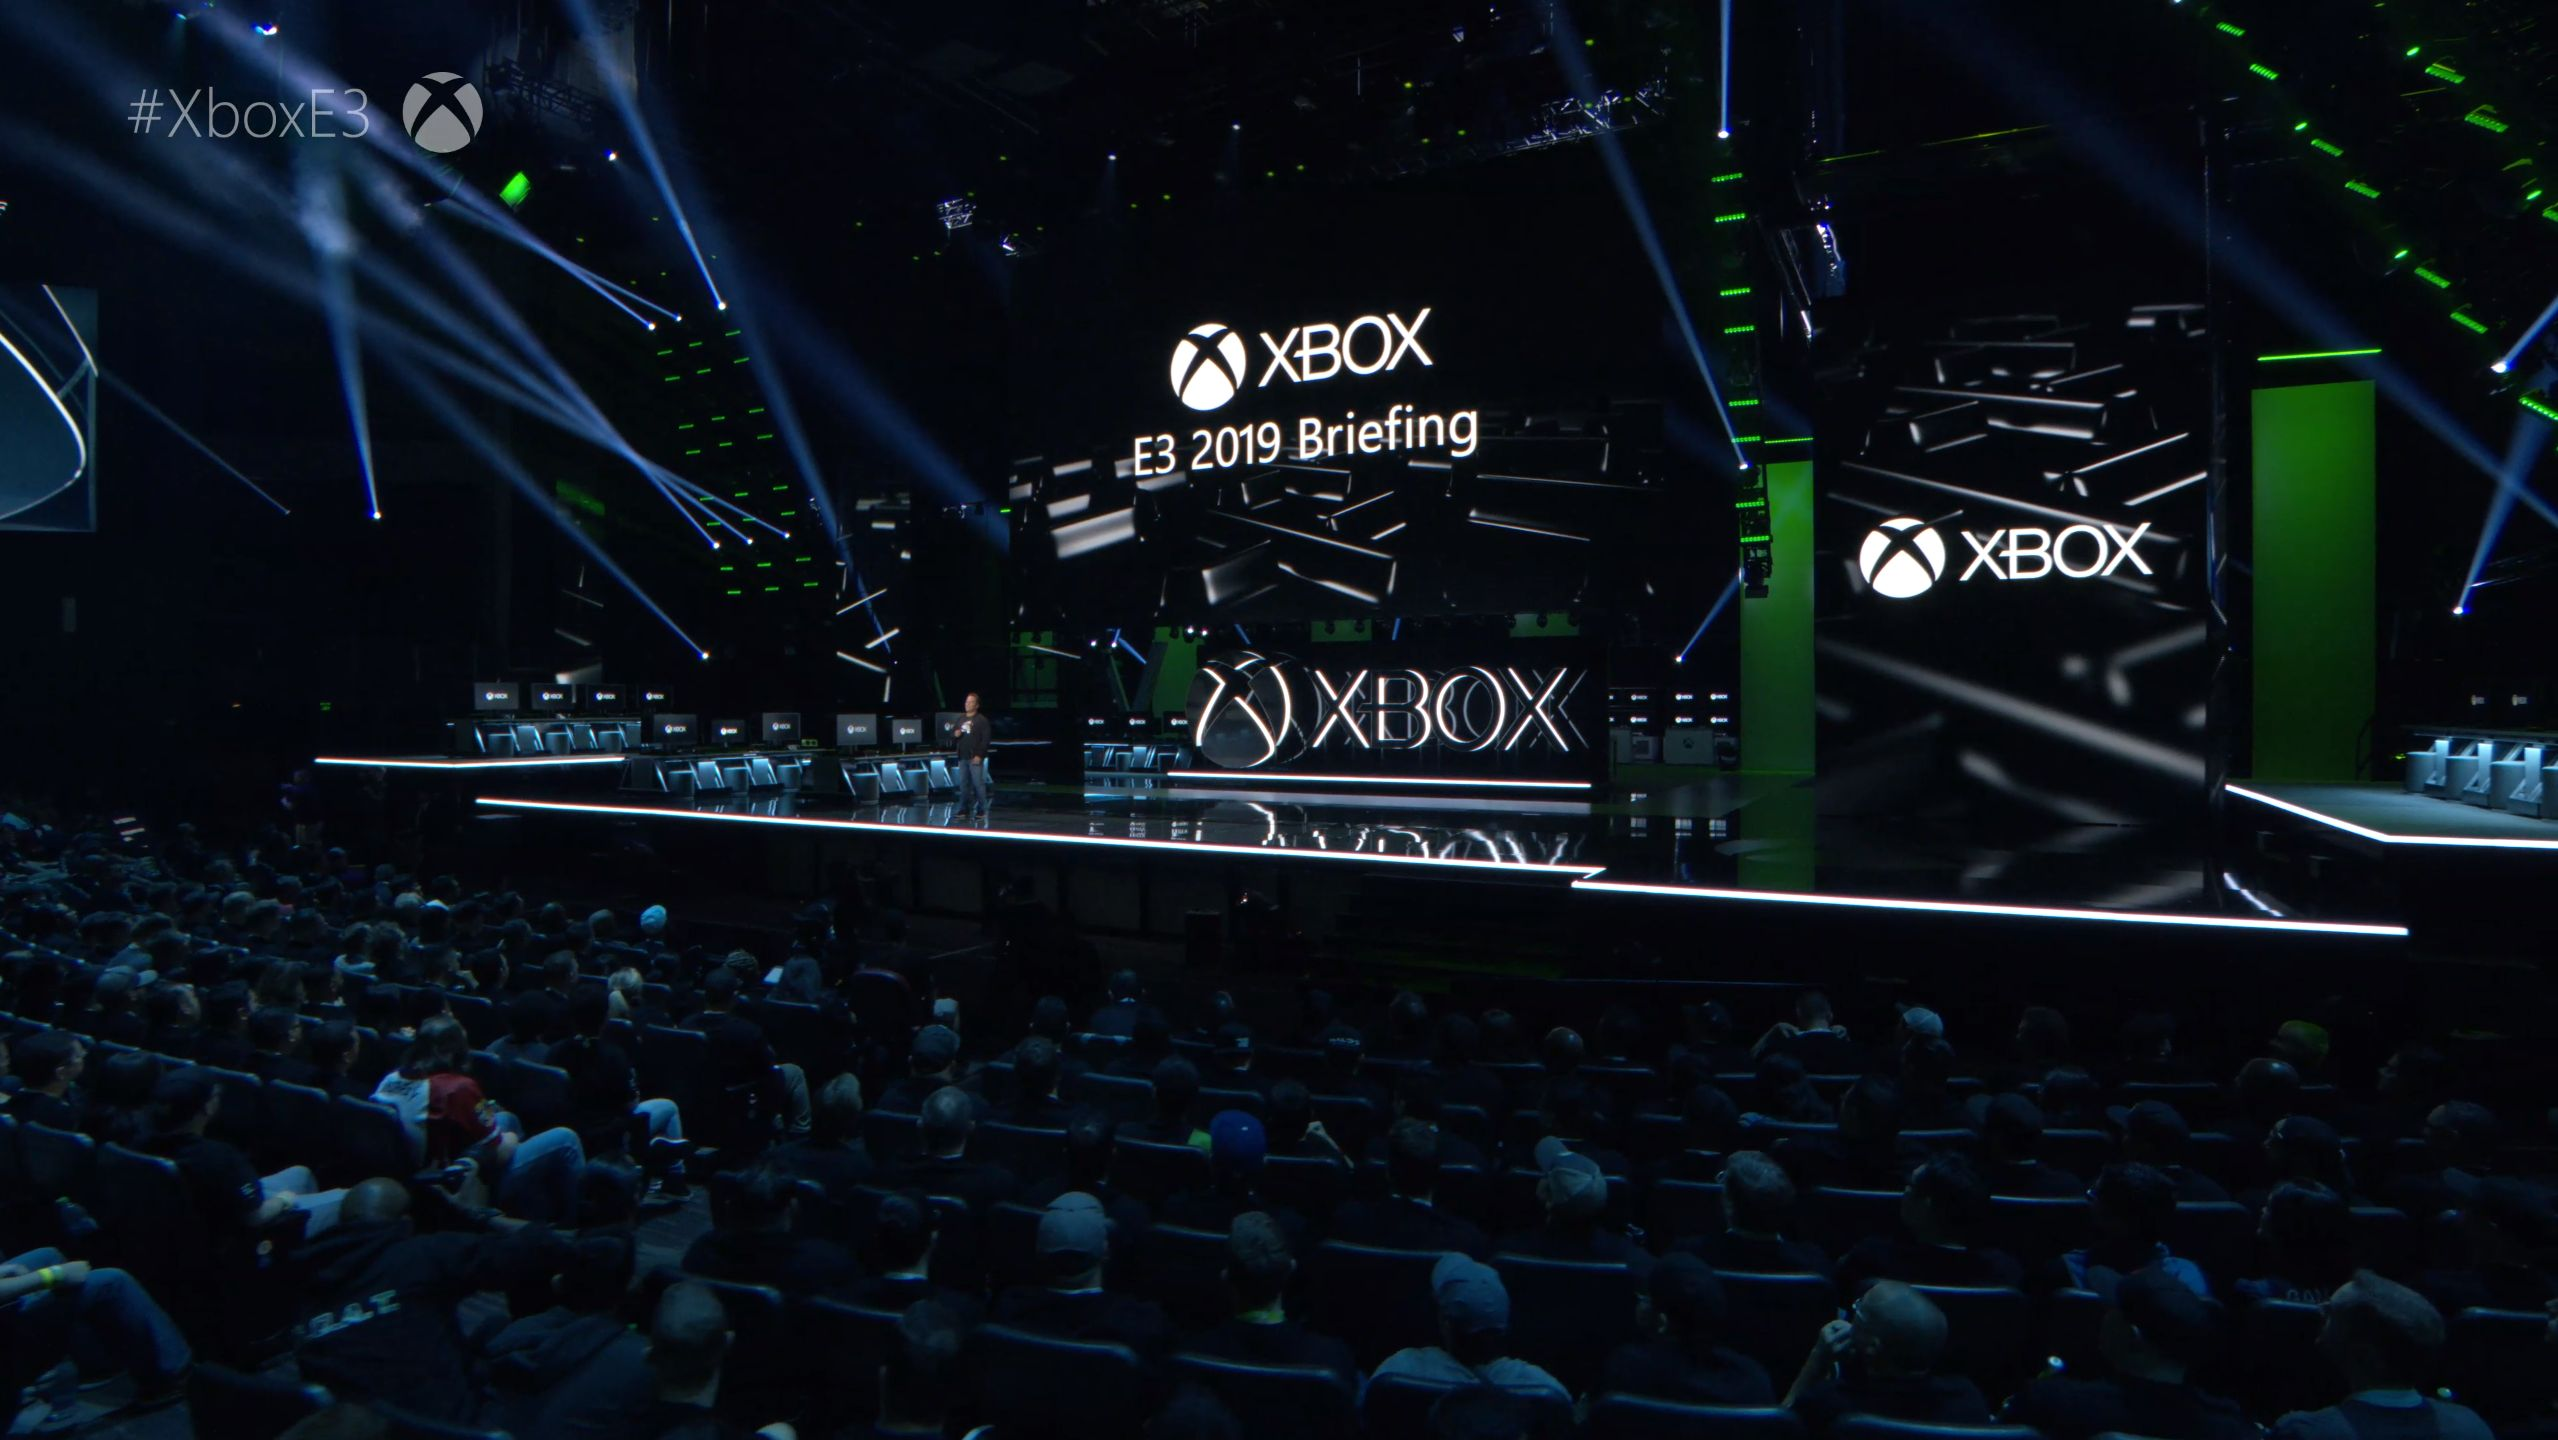 Podsumowanie konferencji Microsoftu na E3 - dużo wszystkiego, mało szczegółów 19